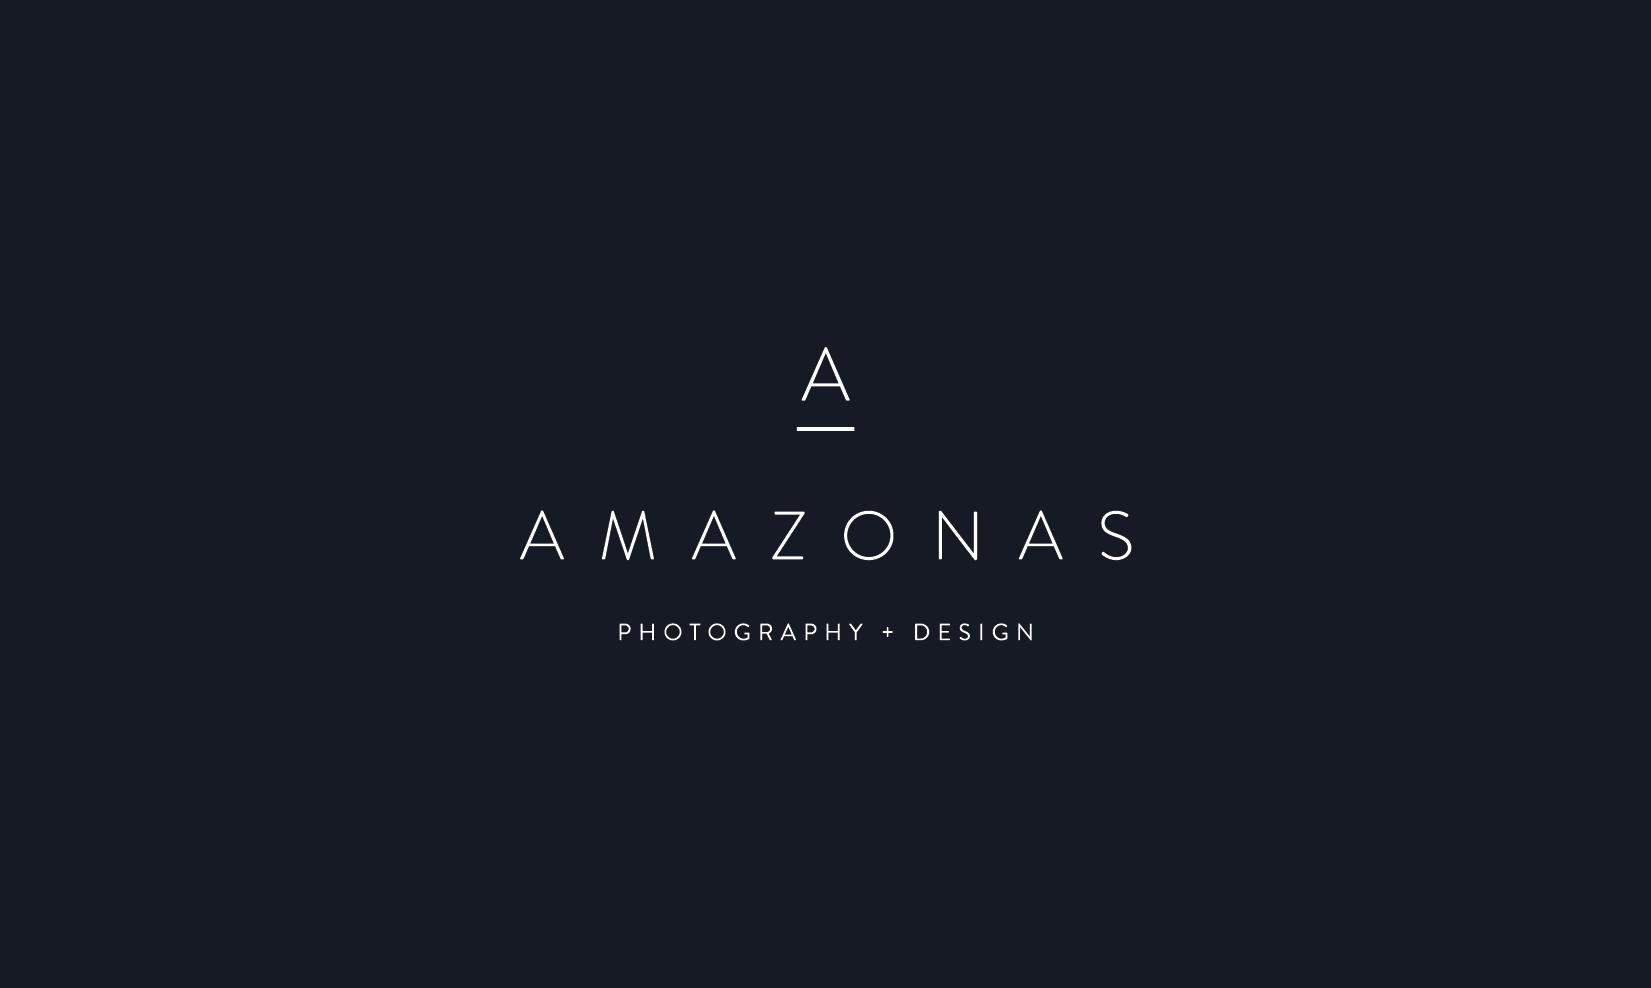 Amazonas Photography- 1-02.png